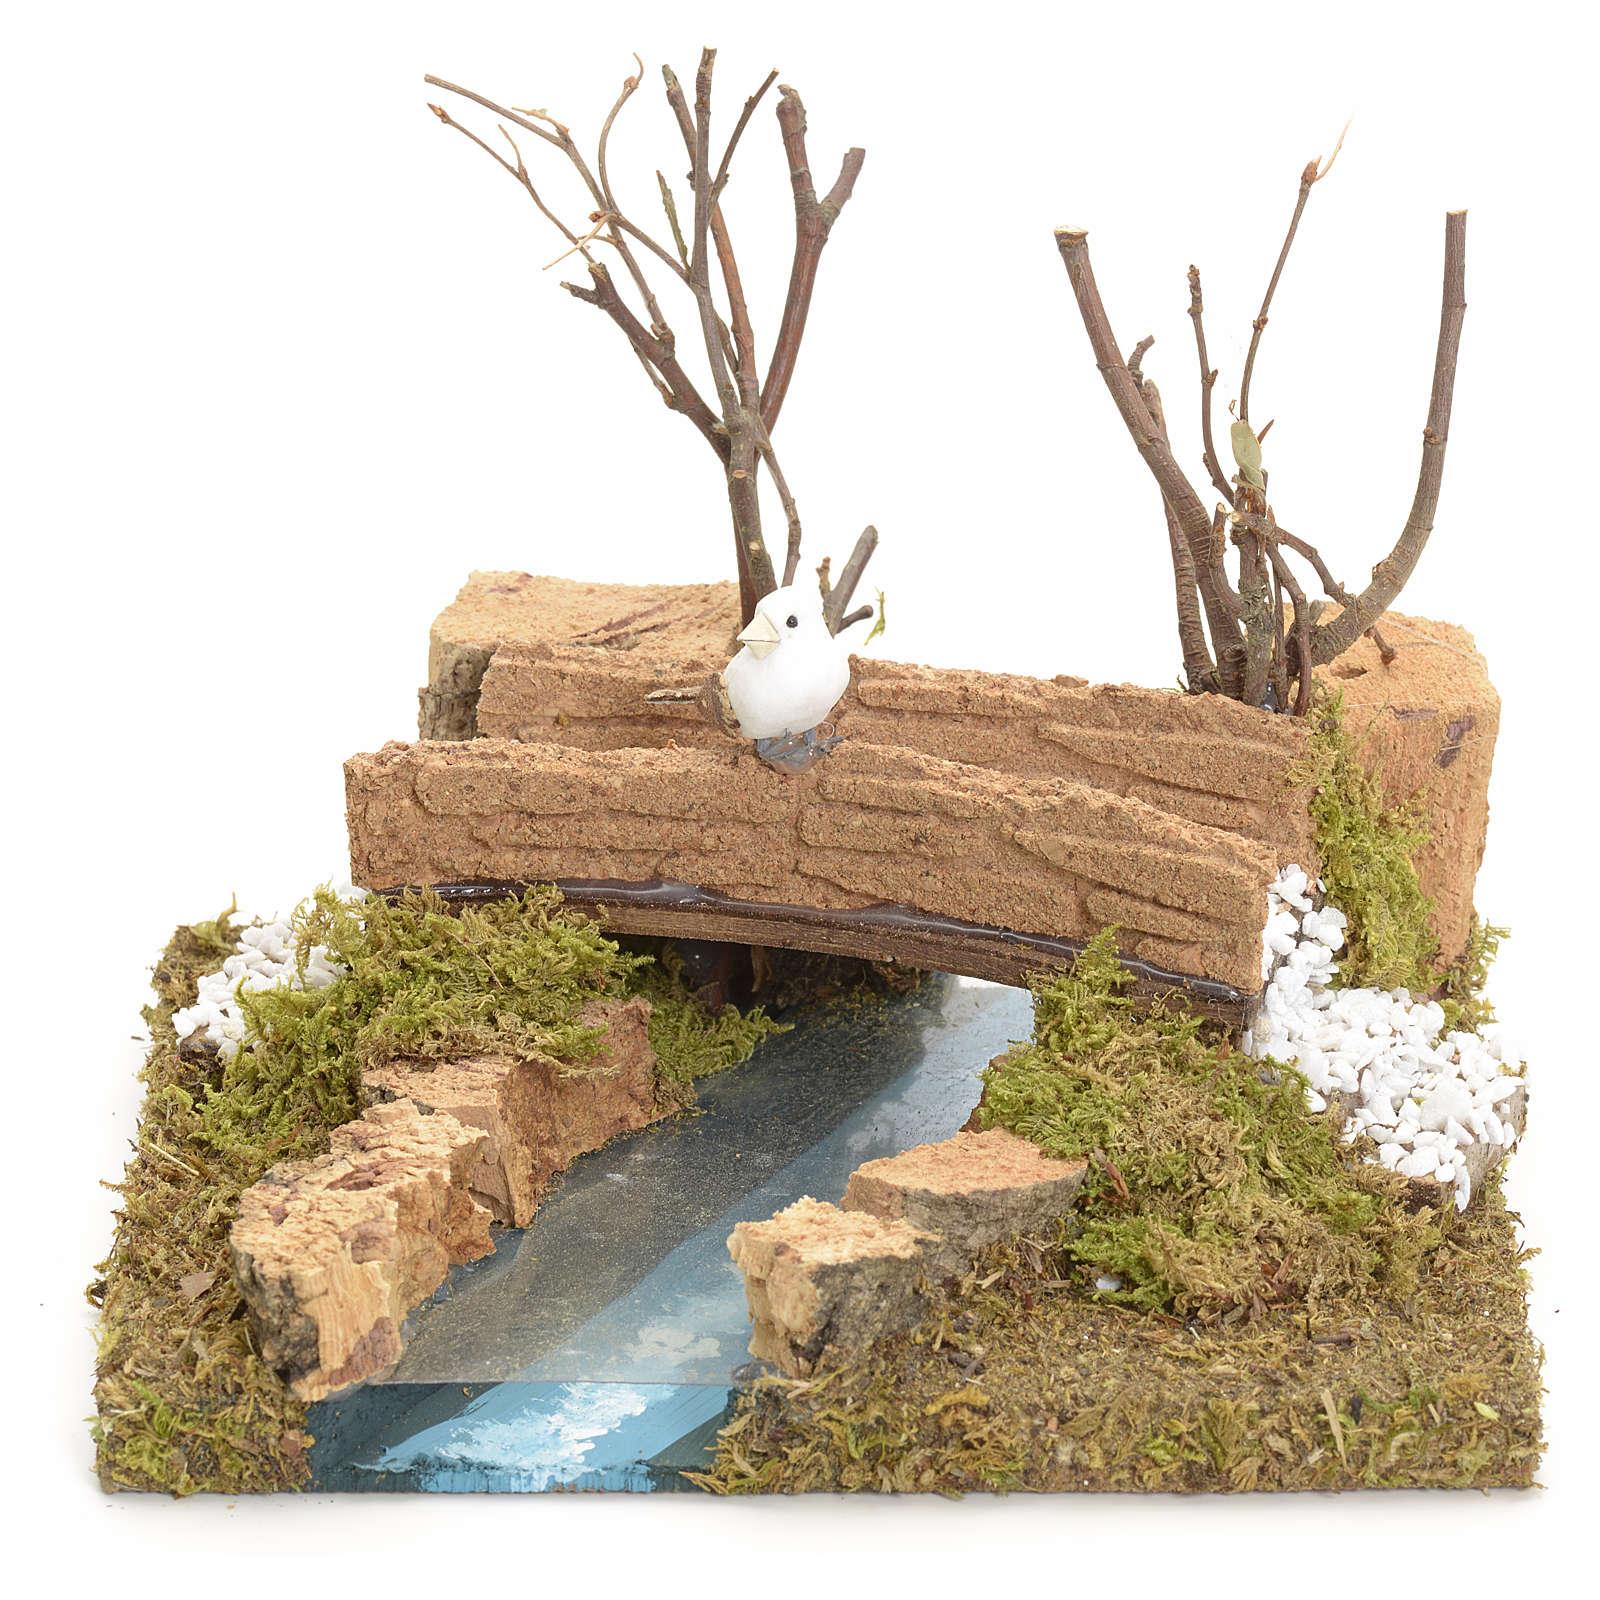 Pont sur ruisseau avec oiseau 13x16x13 cm pour crèche 4